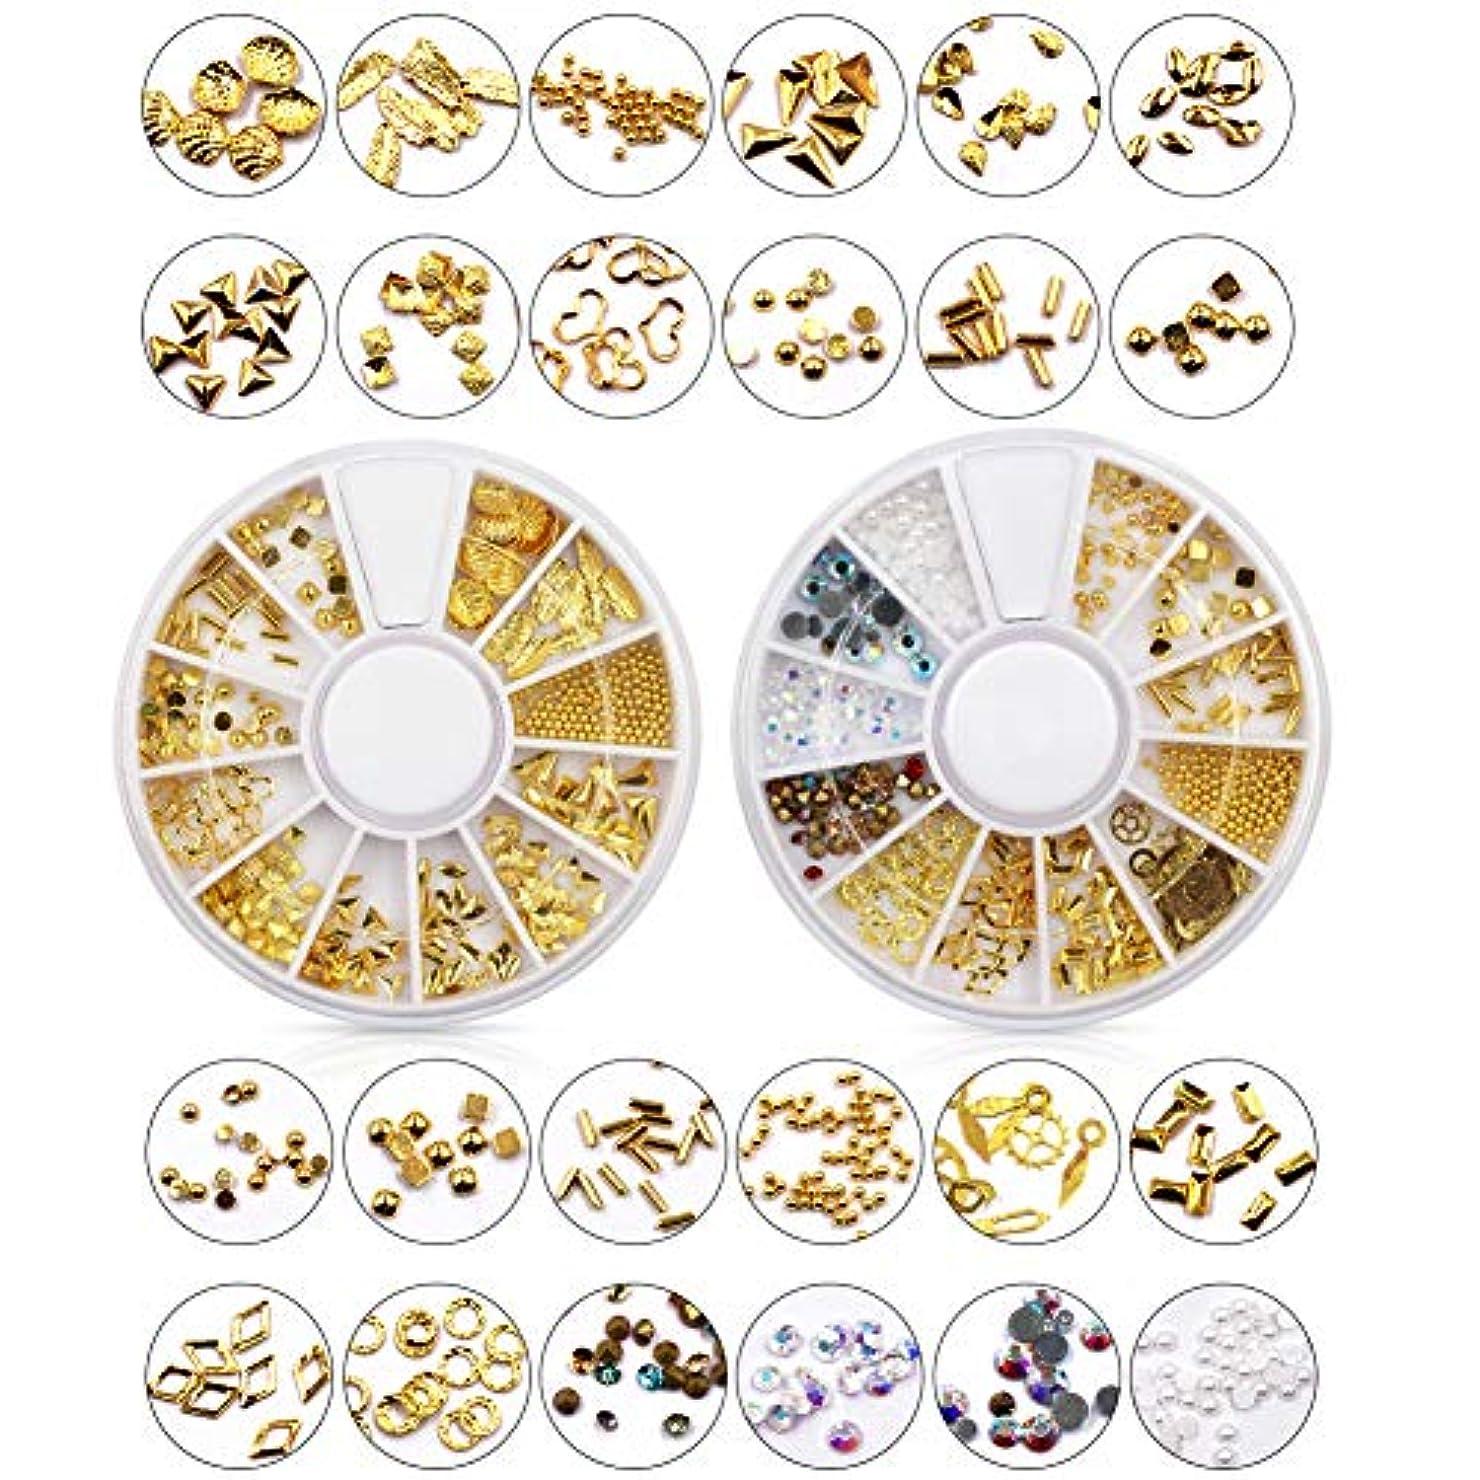 なぜならそこ出くわすメーリンドス ネイルアートデザインパーツ ゴールドスタッズセット ジェルネイルレジン用 プロラインストーン&半円パール&合金 24種セット